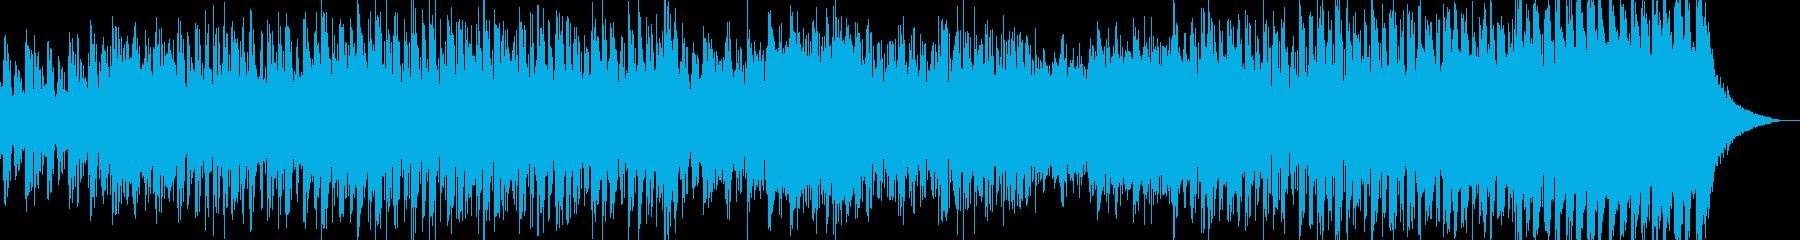 青と緑の夏の景色をイメージの再生済みの波形